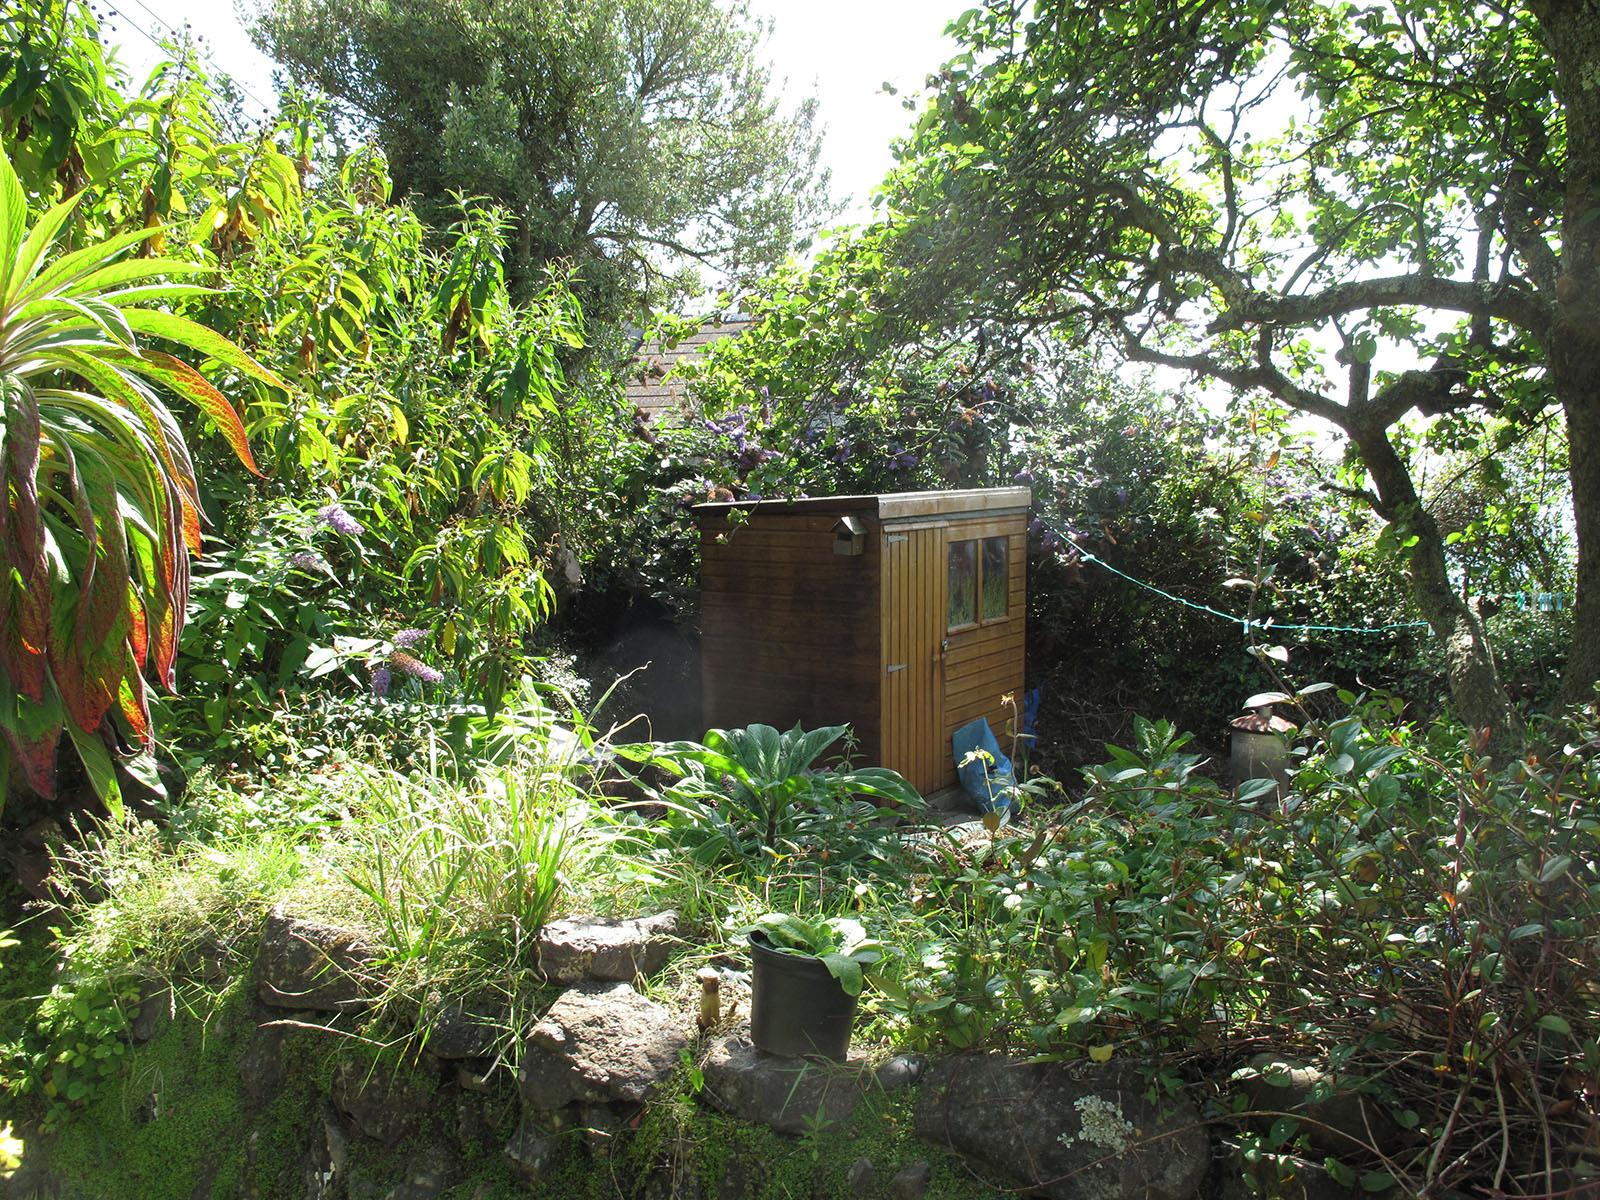 Overgrown garden before renovation